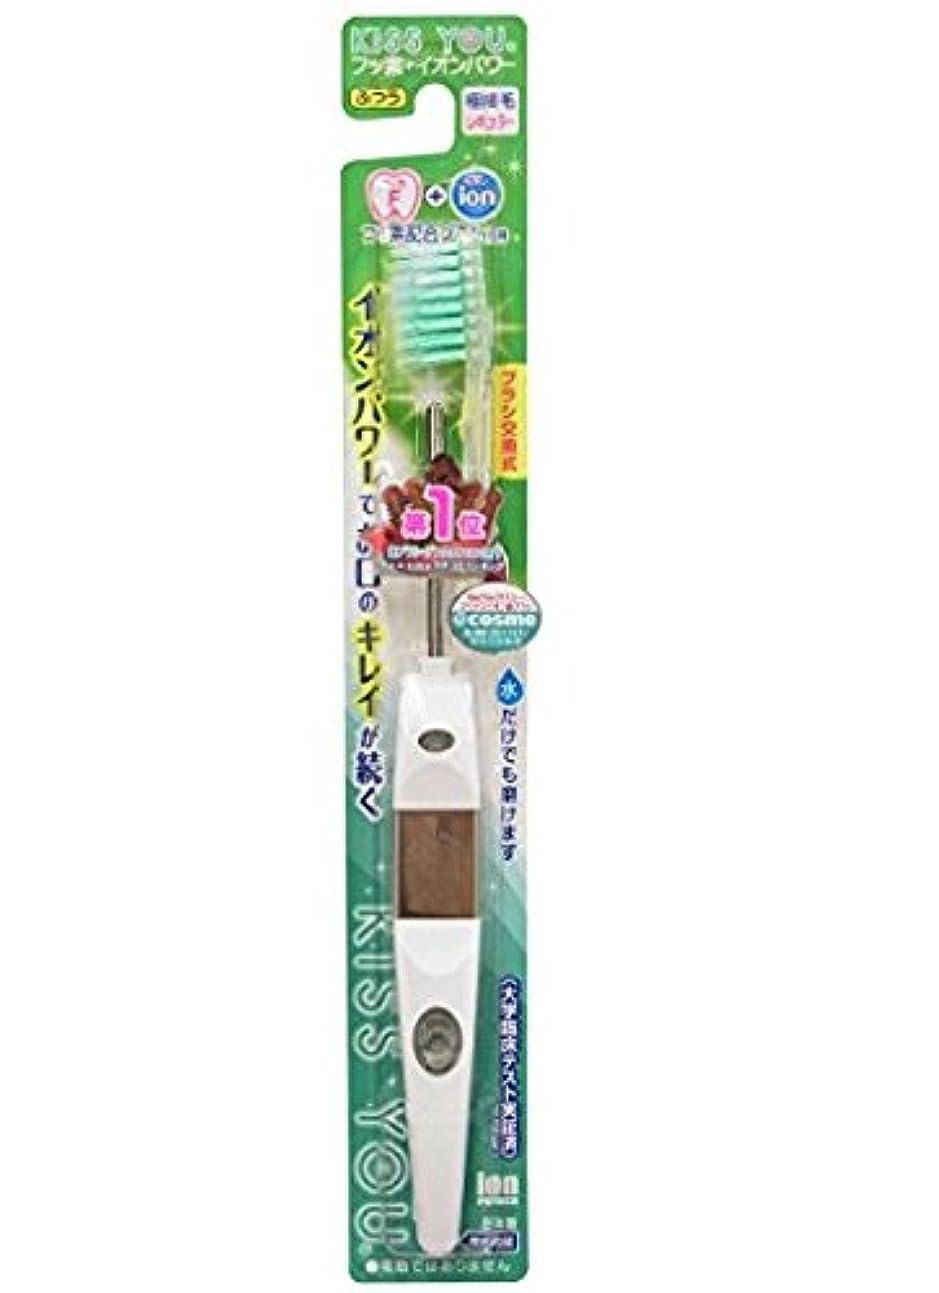 絵真っ逆さまトランジスタフッ素イオン歯ブラシ極細レギュラー本体ふつう × 5個セット